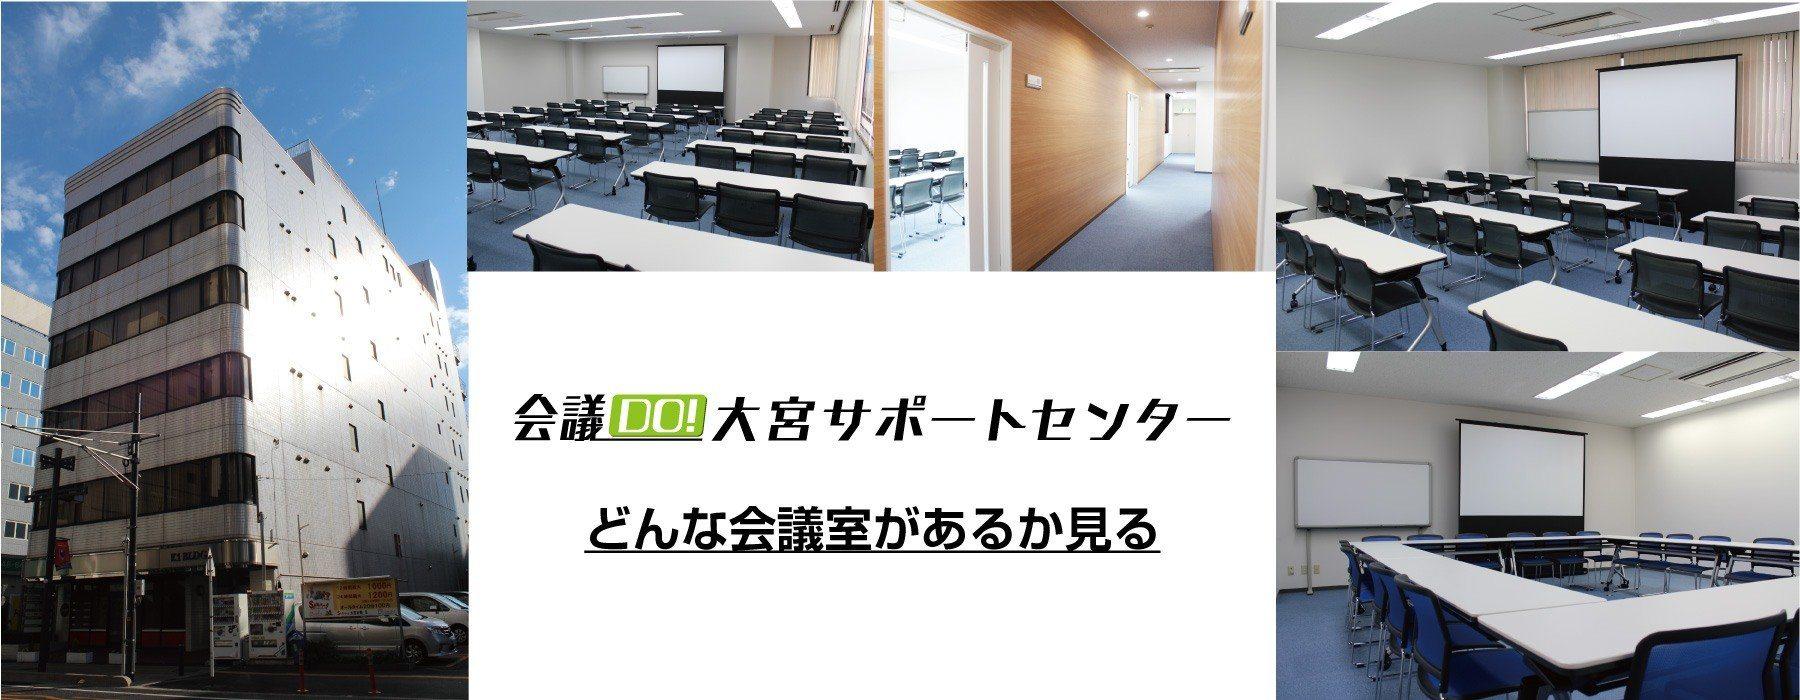 会議室について